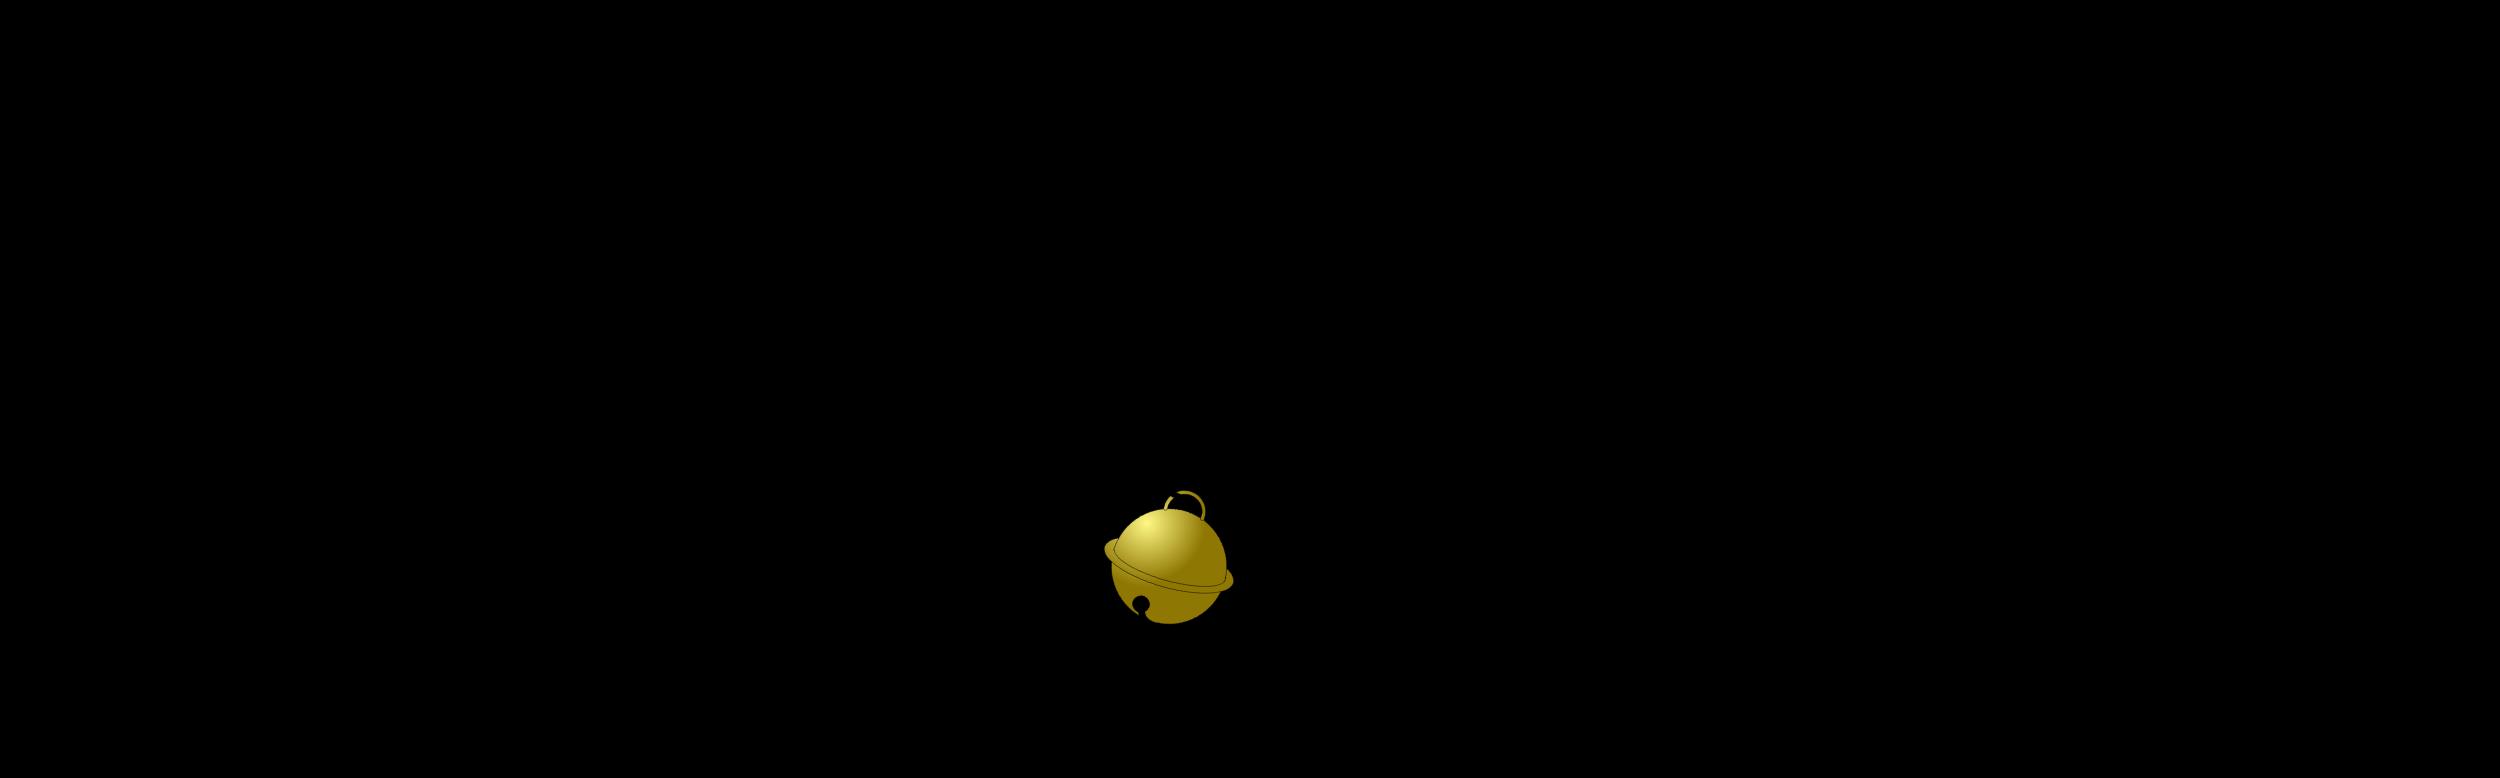 KlimperGlöckchen